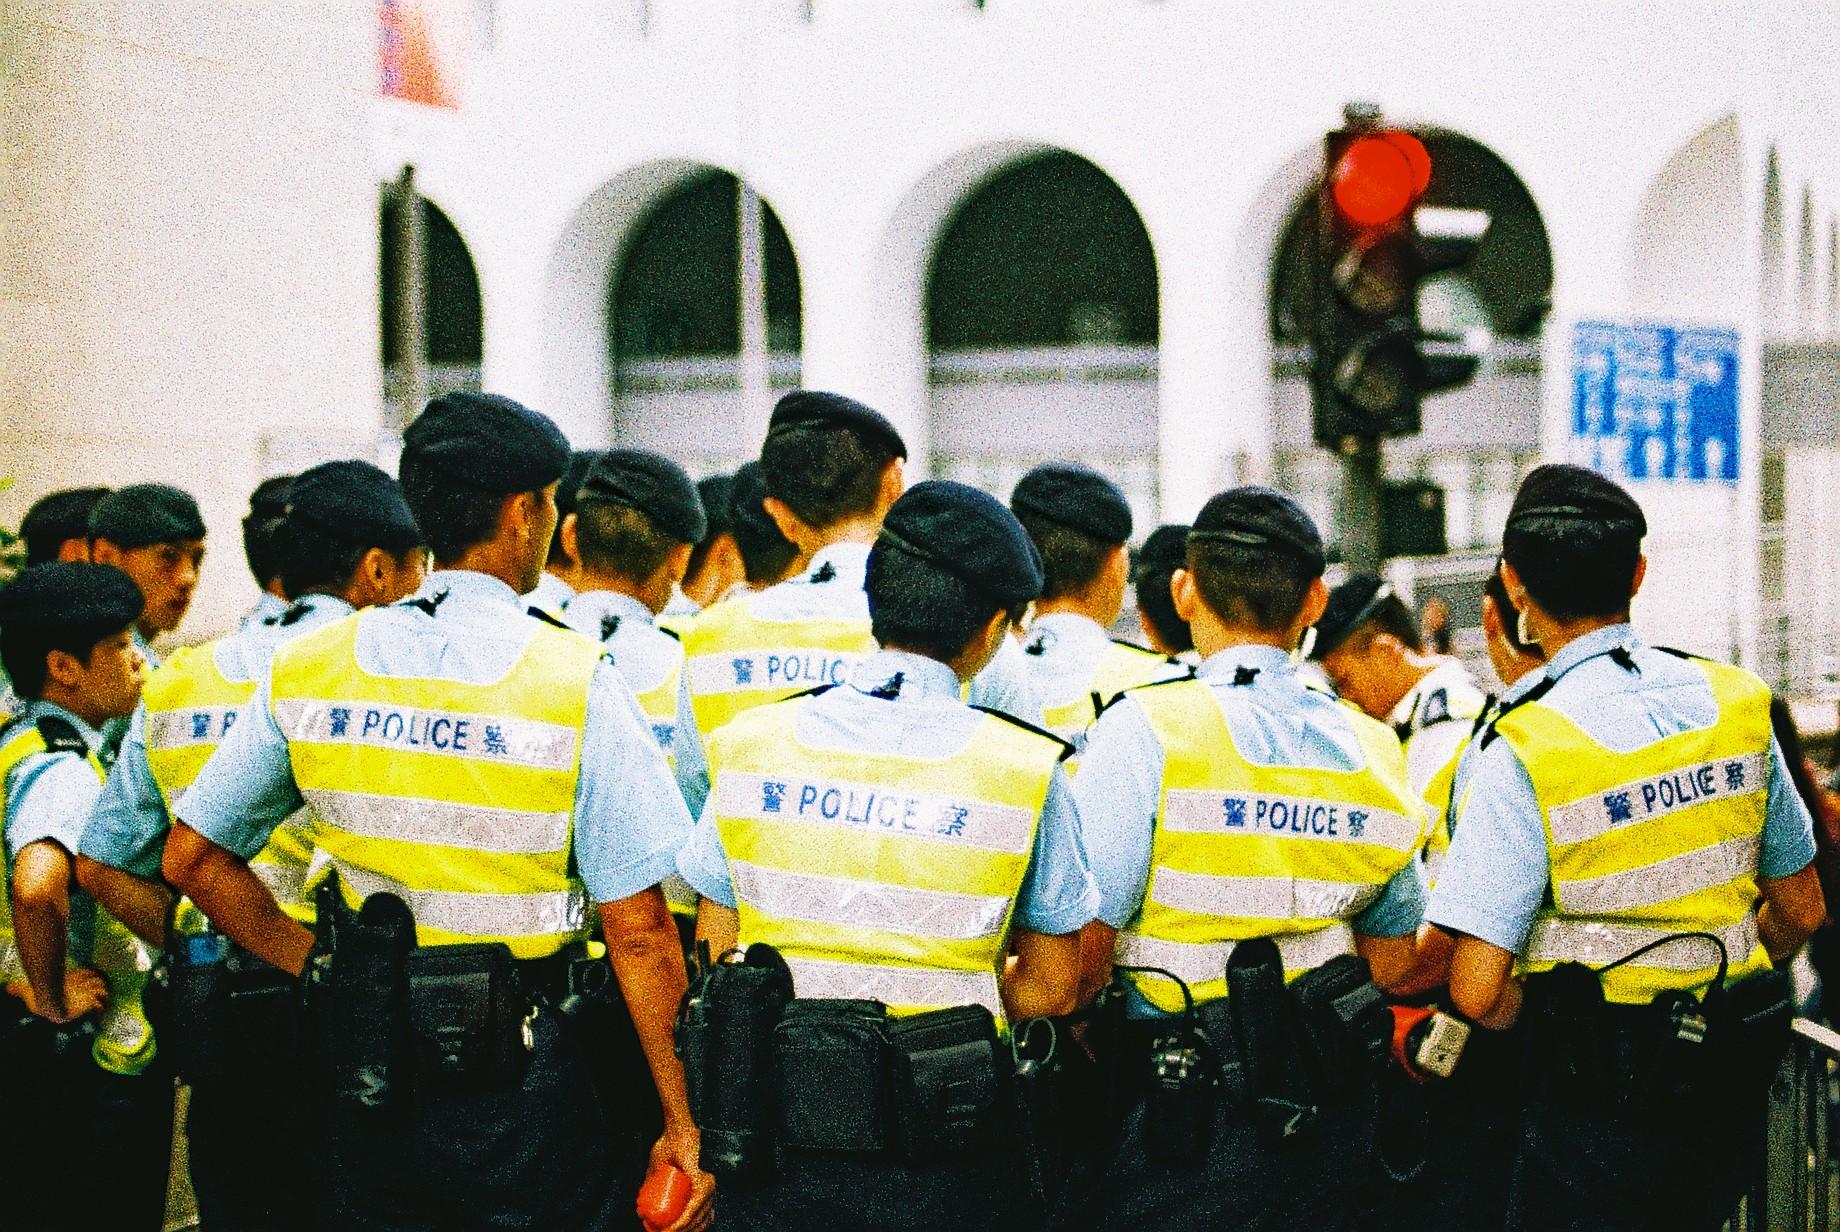 Hong Kong Police at work!